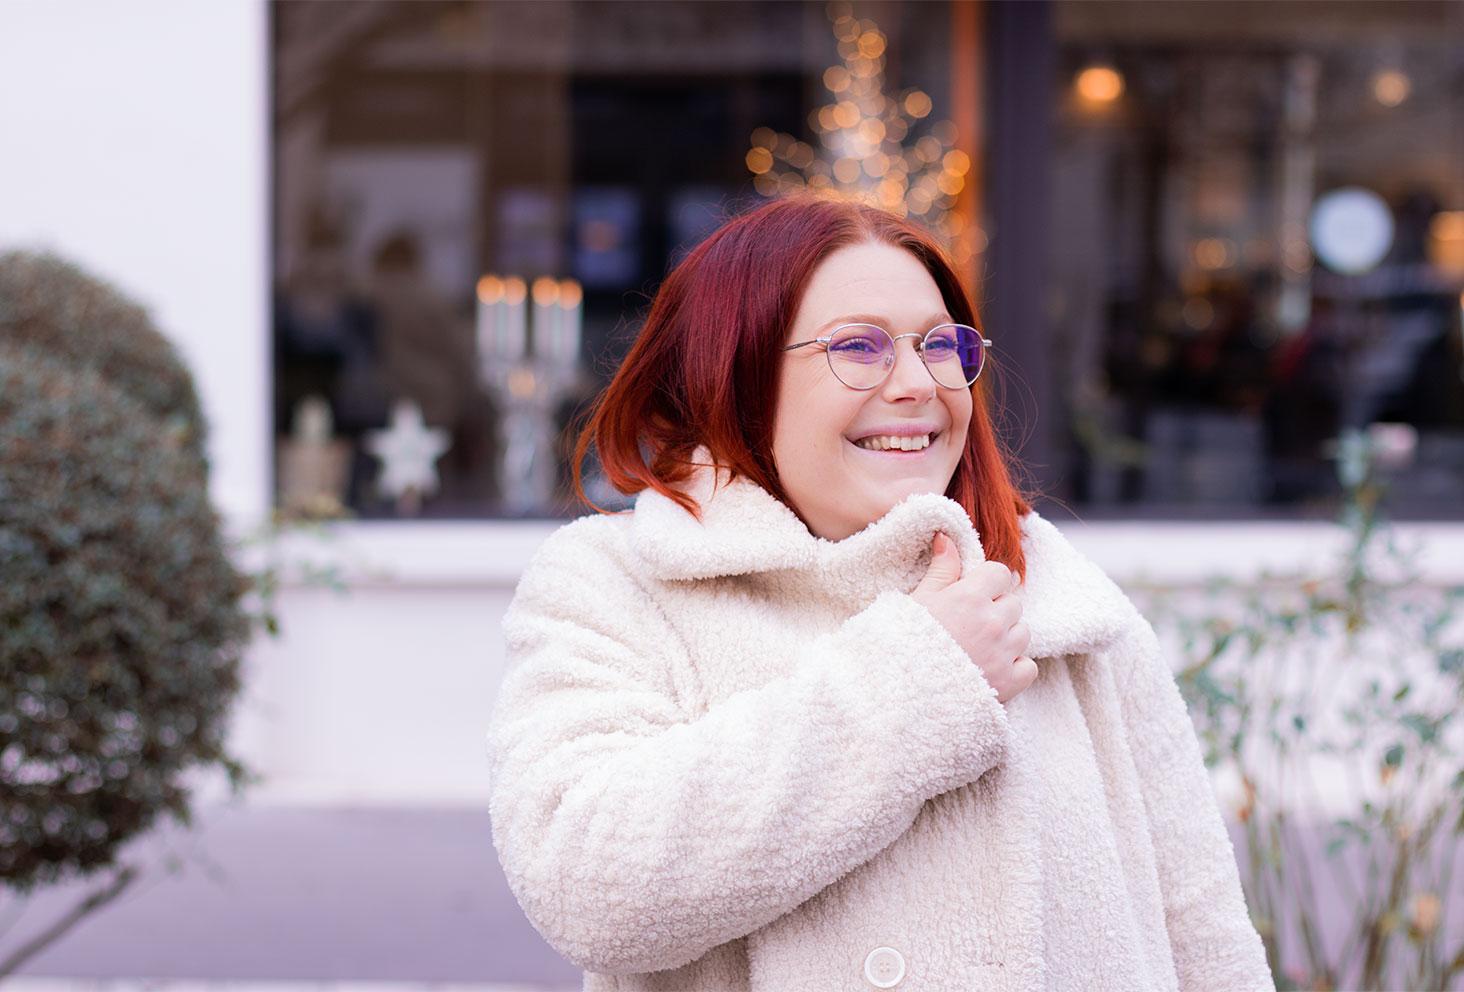 En manteau moumoute beige fermé, devant une vitrine illuminée pour Noël